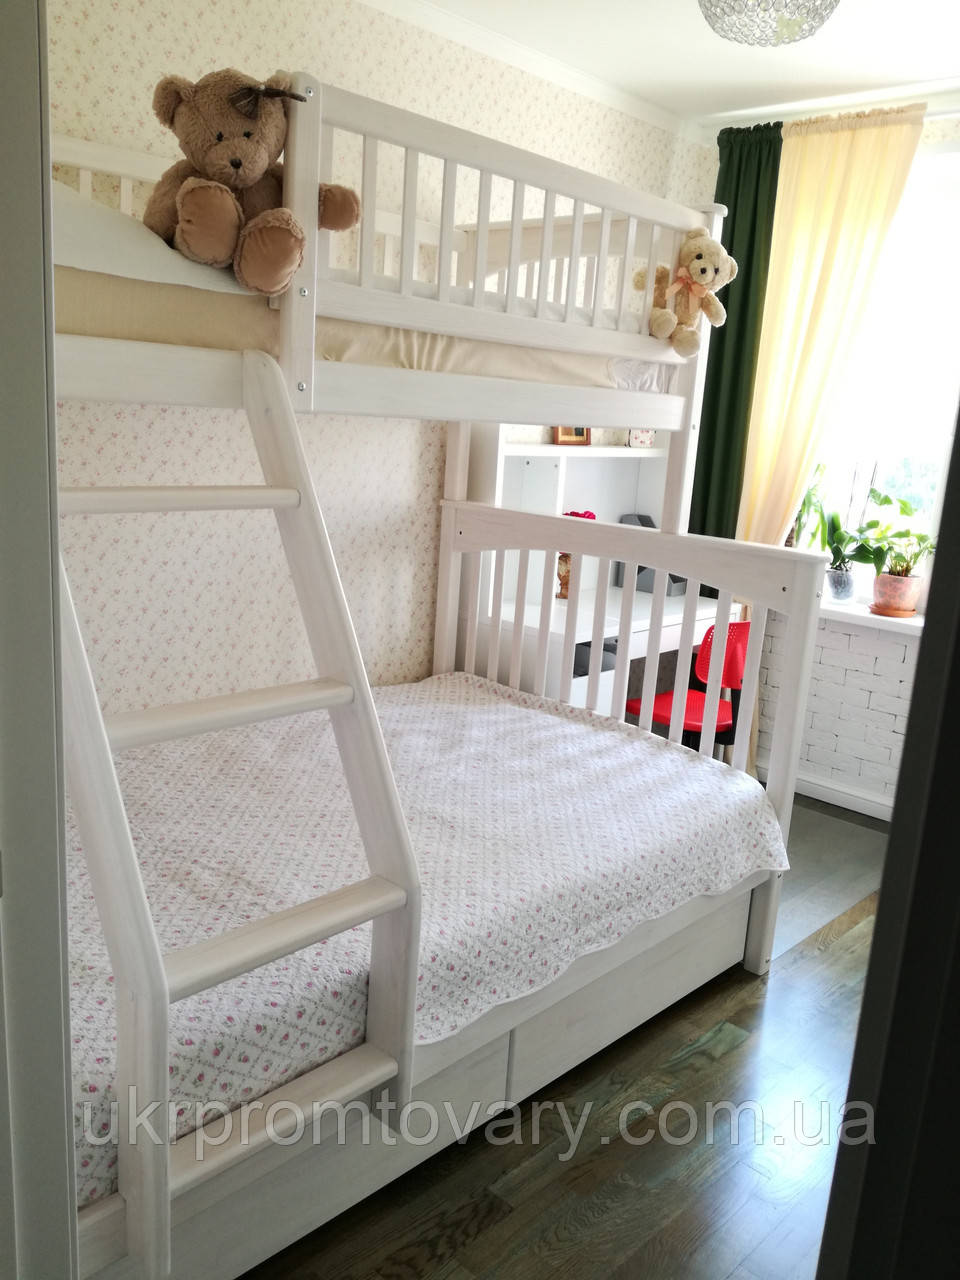 Двухъярусная кровать для троих детейСоня 80*200/120*200, в Киеве, натуральное дерево, качество